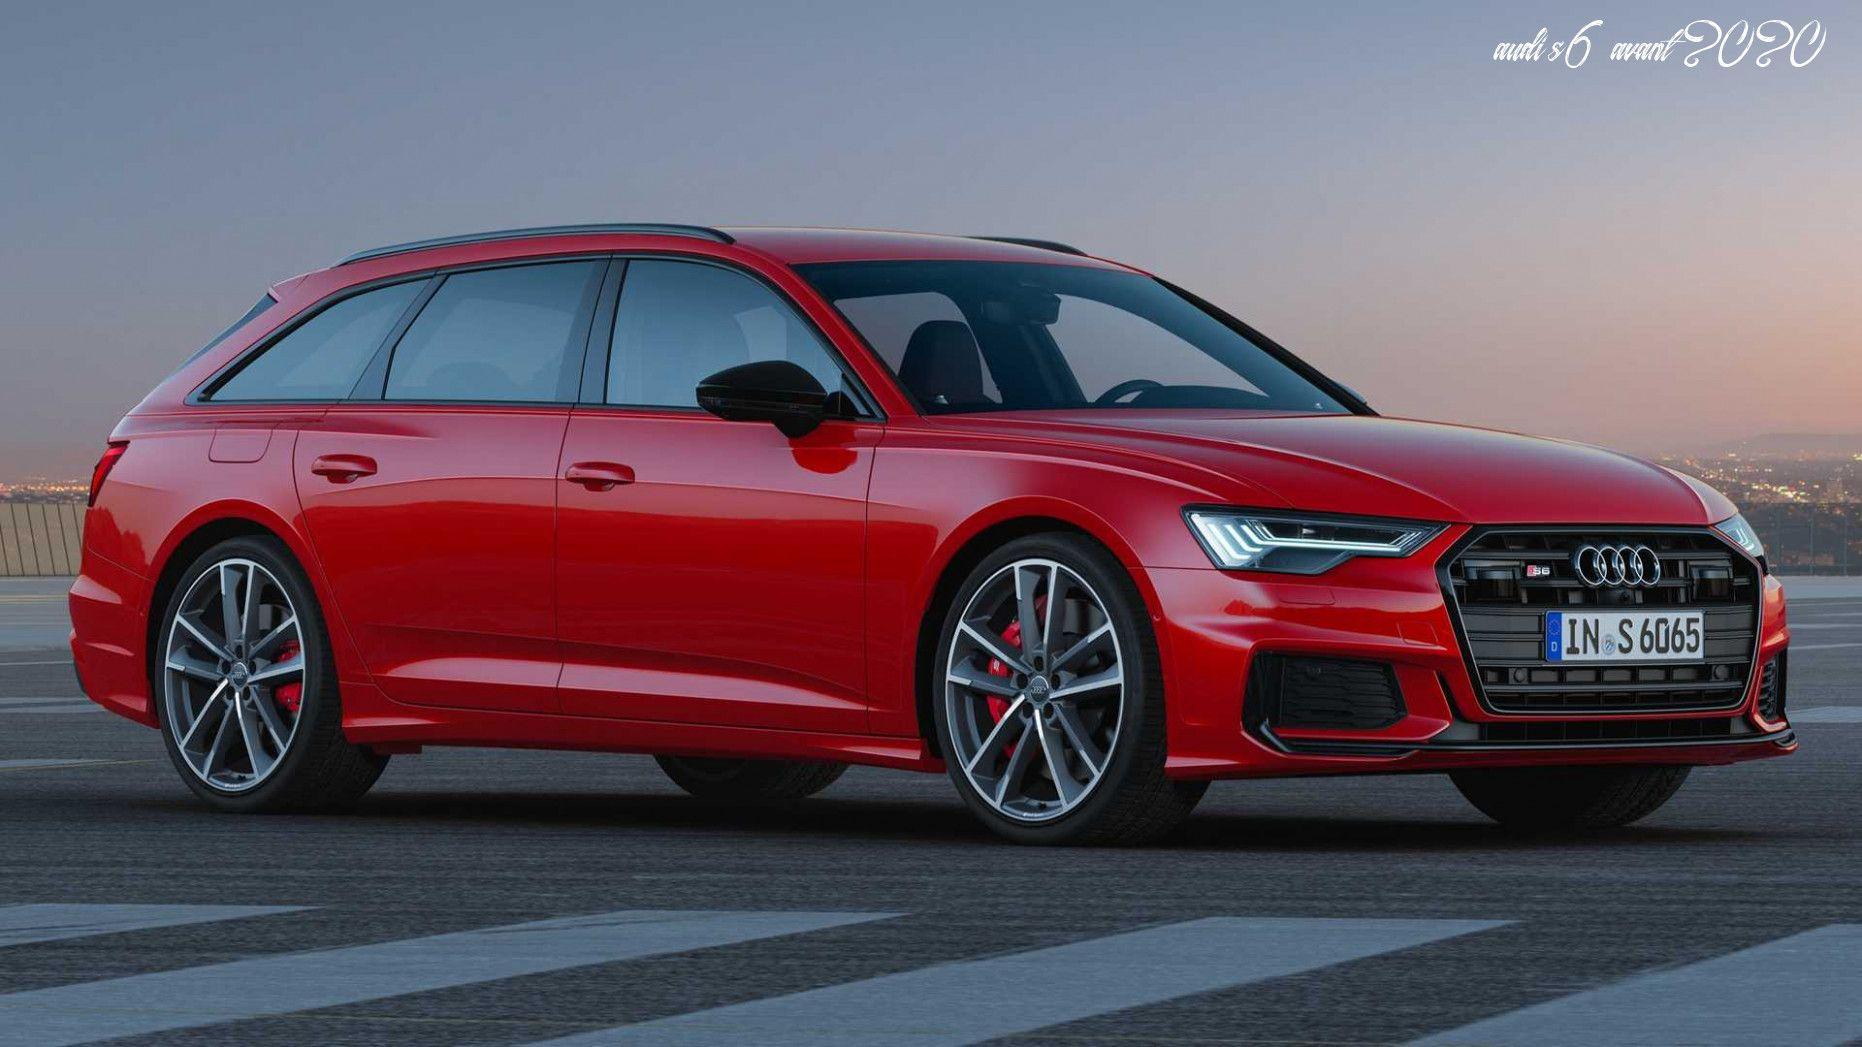 Audi S6 Avant 2020 Spesification In 2020 Audi Tdi Audi S6 Audi